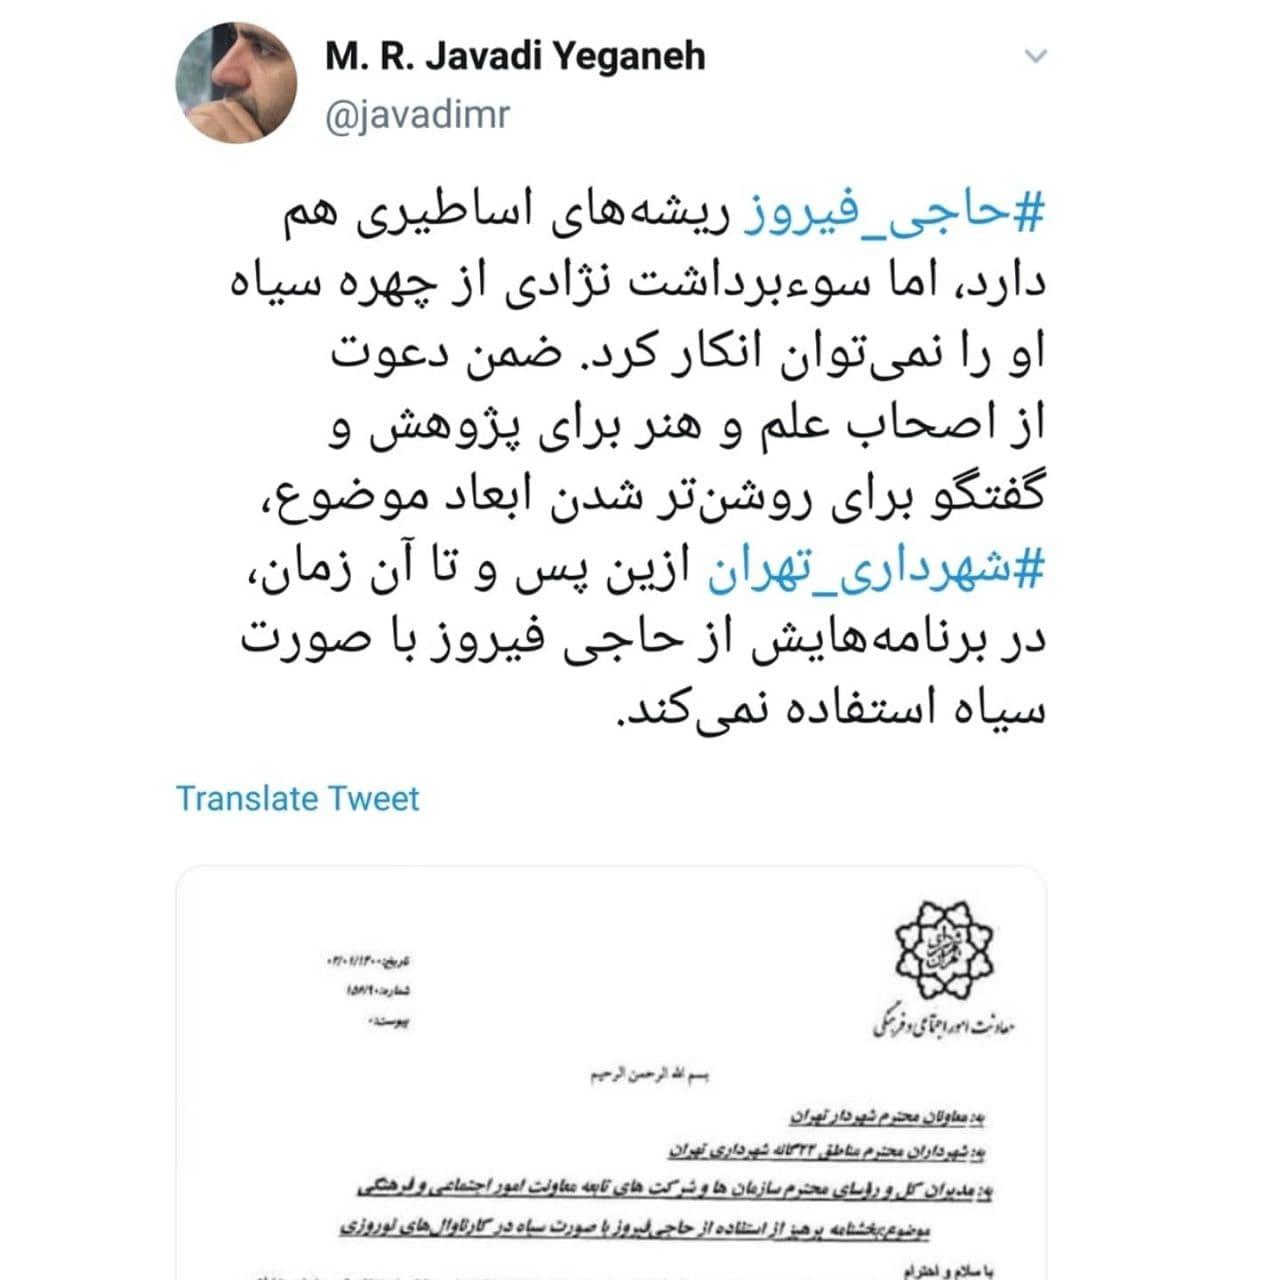 حذف رنگ سیاه از حاجی فیروز در شهرداری تهران/ بررسی موضوع نژادپرستی